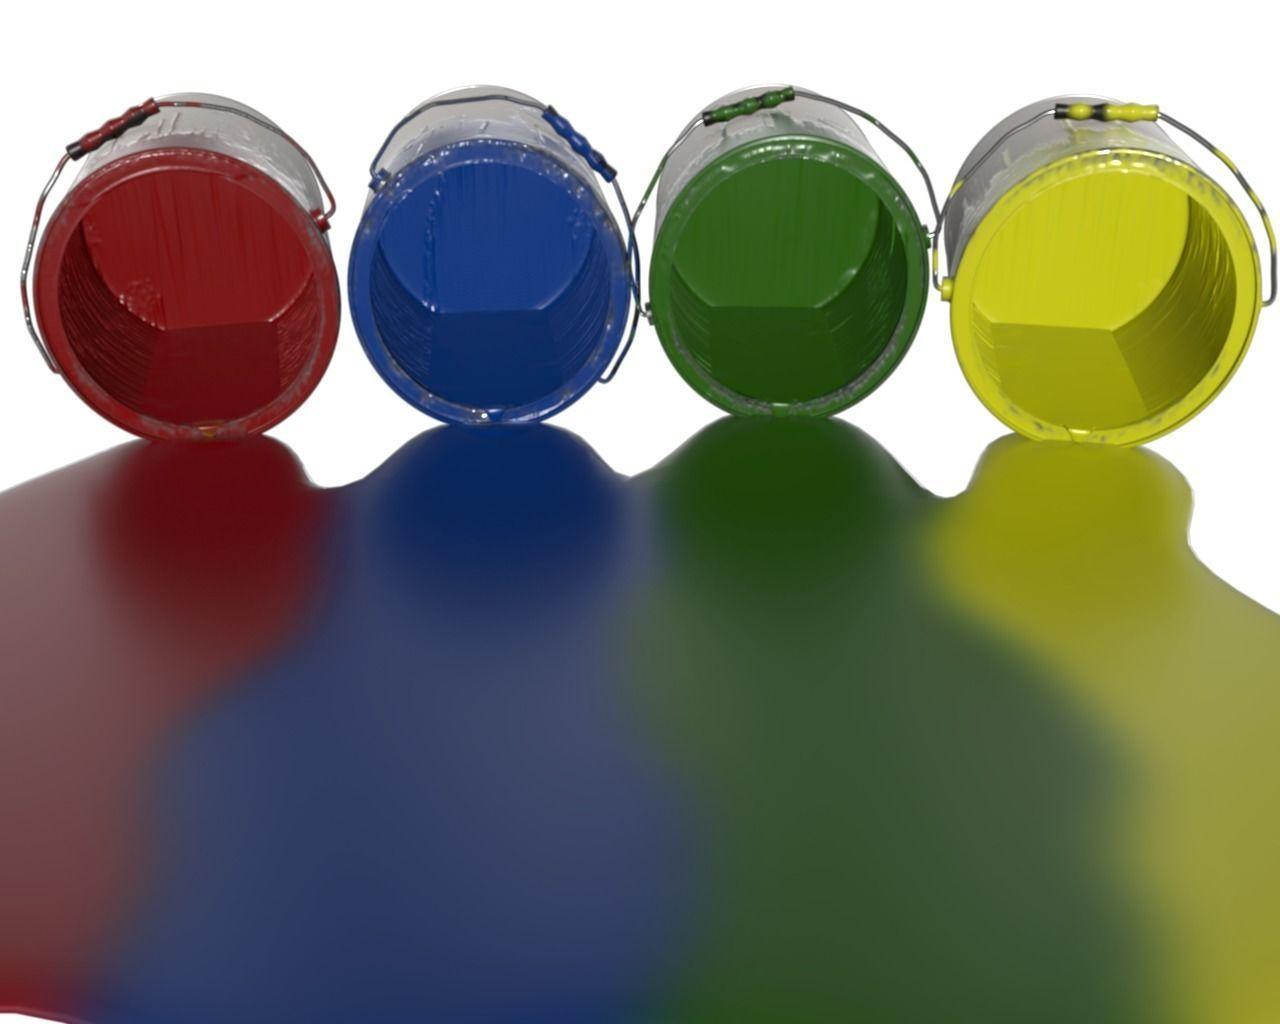 Spilled Paint 4 colors